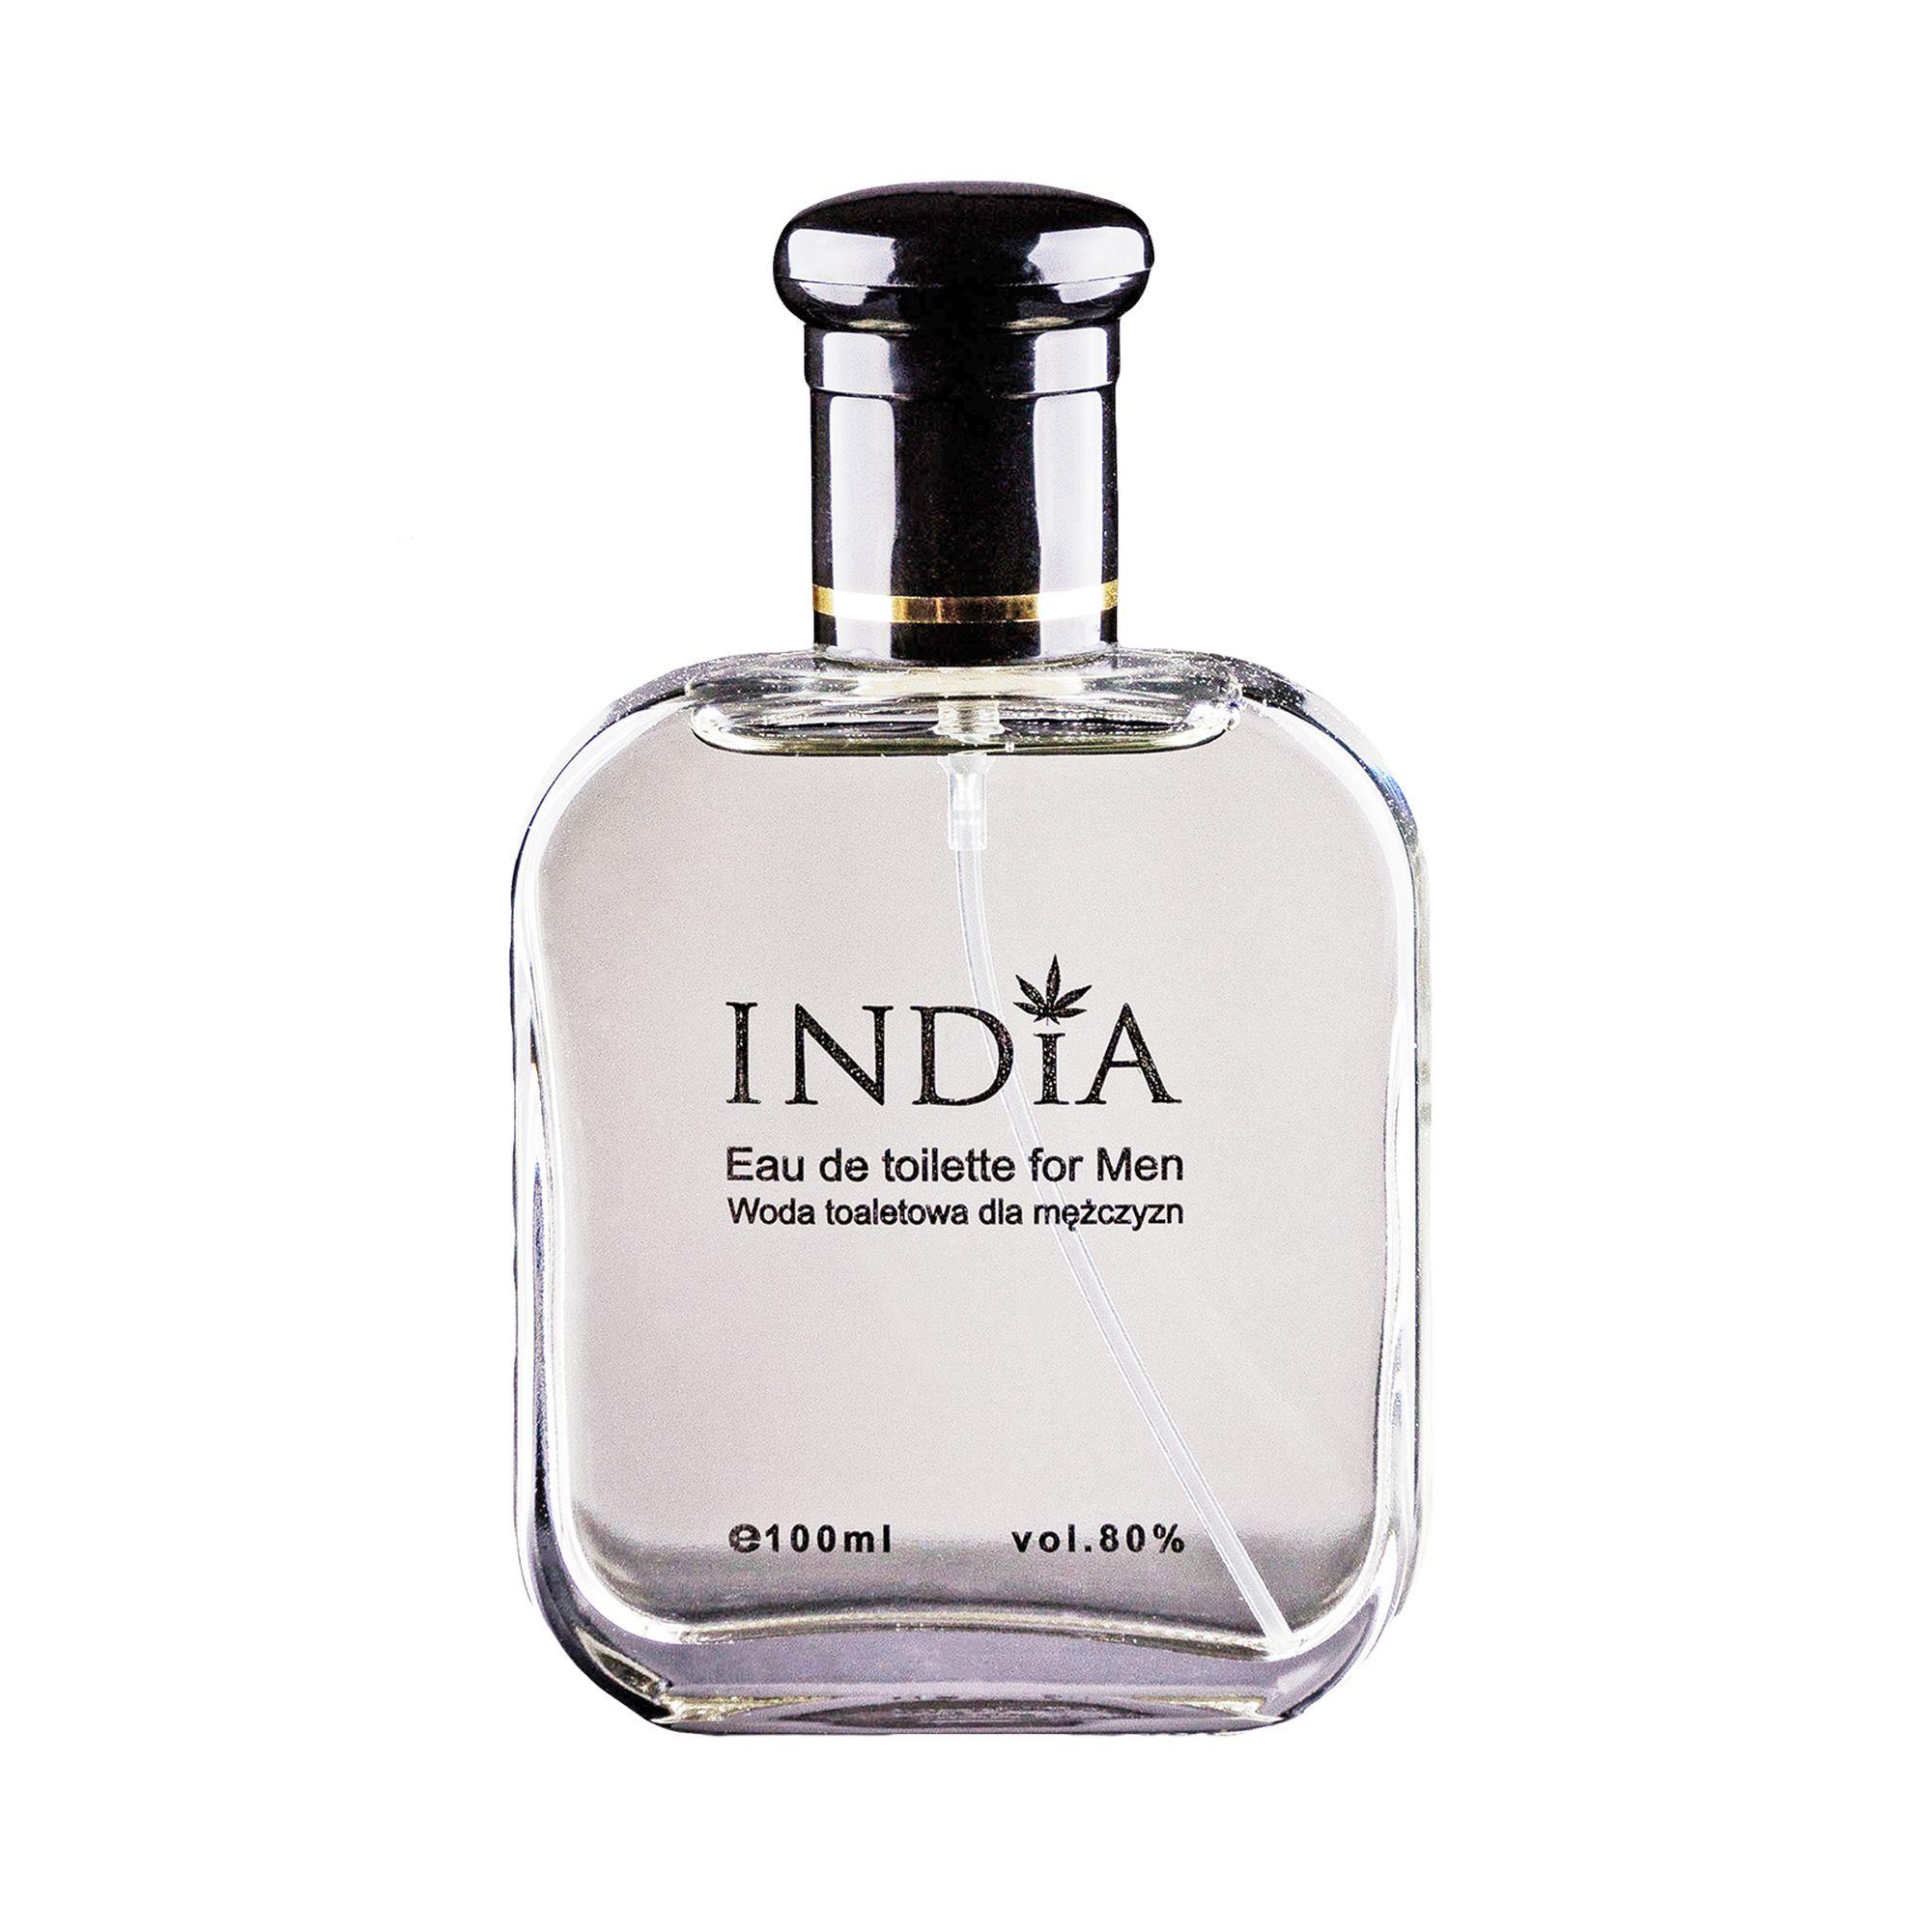 Eau de Toilette für Herren mit einem Hauch von Hanf von India Cosmetics